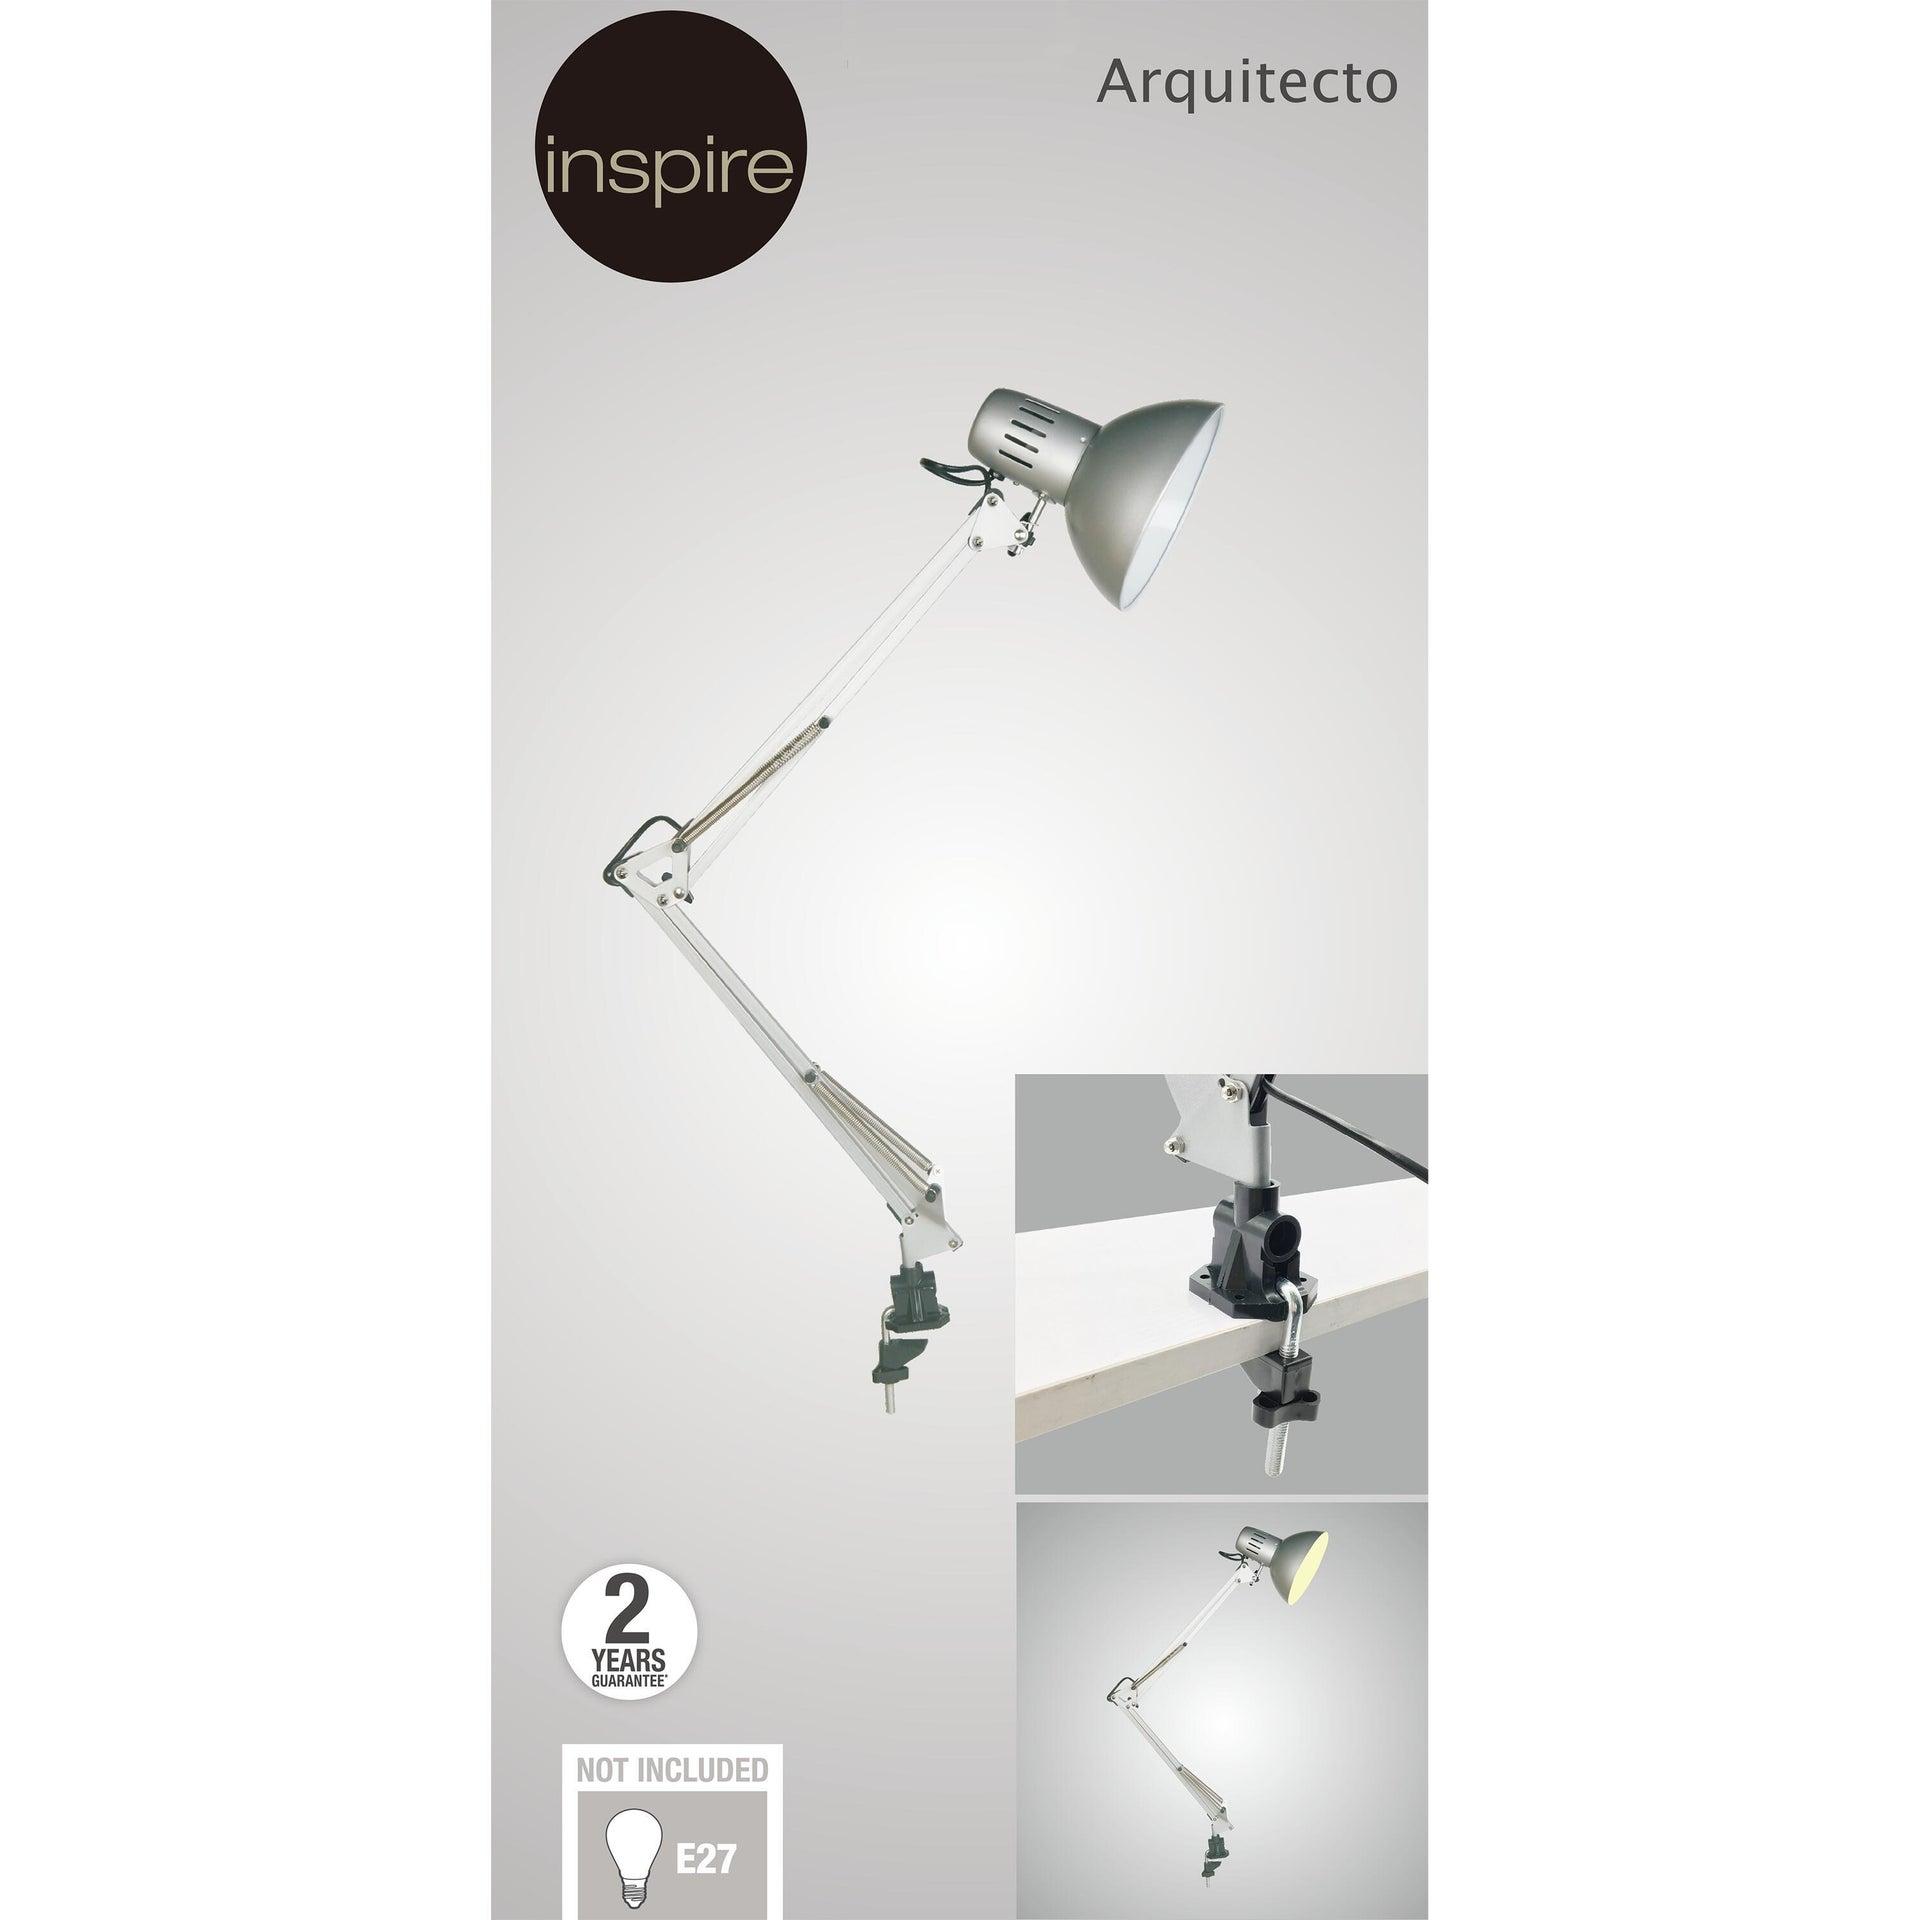 Lampada da scrivania Industriale Arquitecto grigio , in metallo, INSPIRE - 11